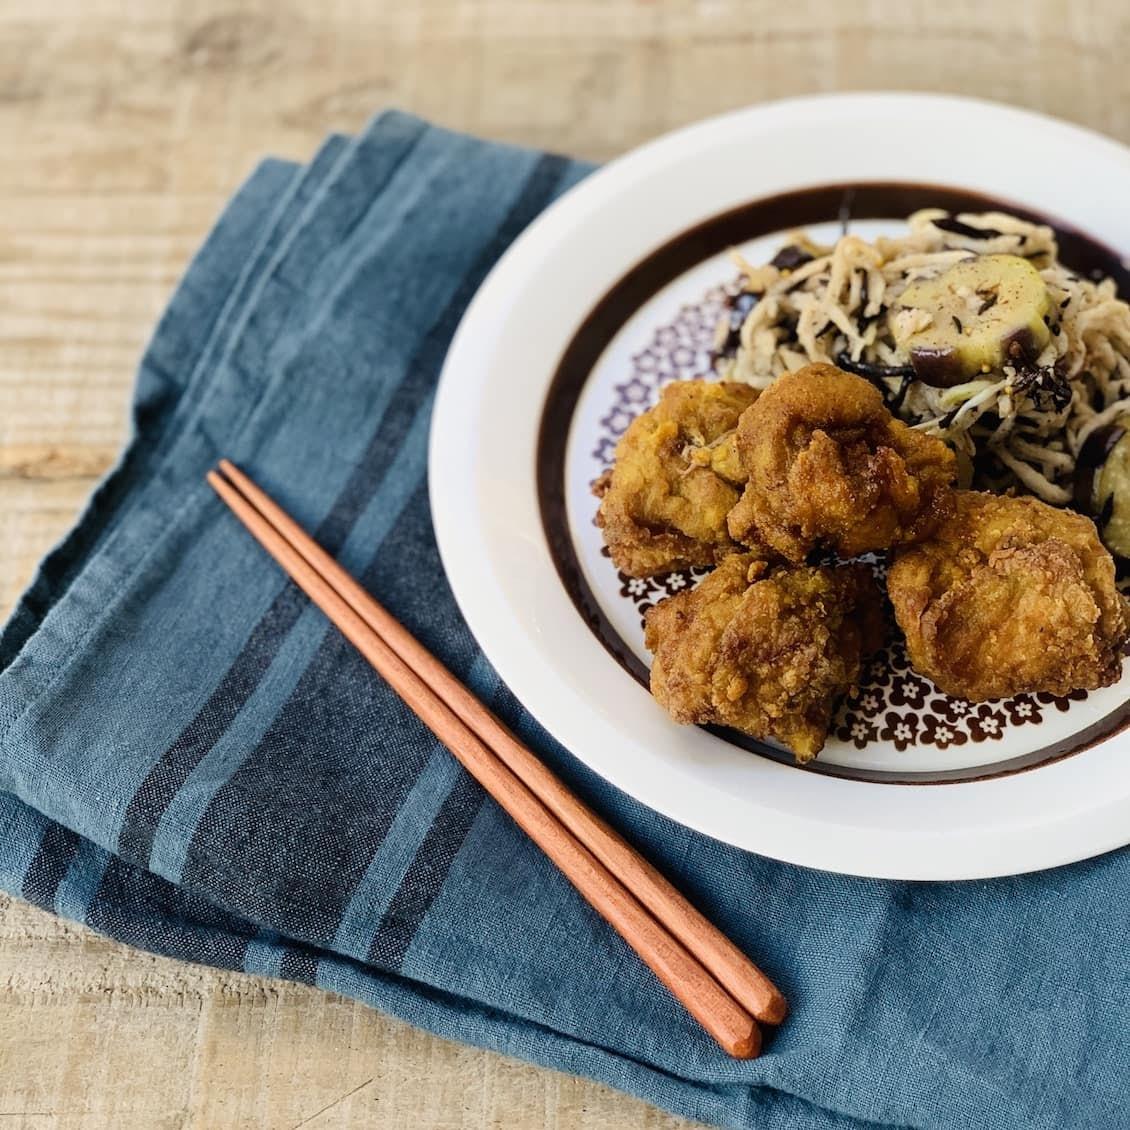 【クラシコムの社員食堂】スパイスたっぷりのカレー唐揚げと、切り干し大根のマリネで秋色お昼ごはん